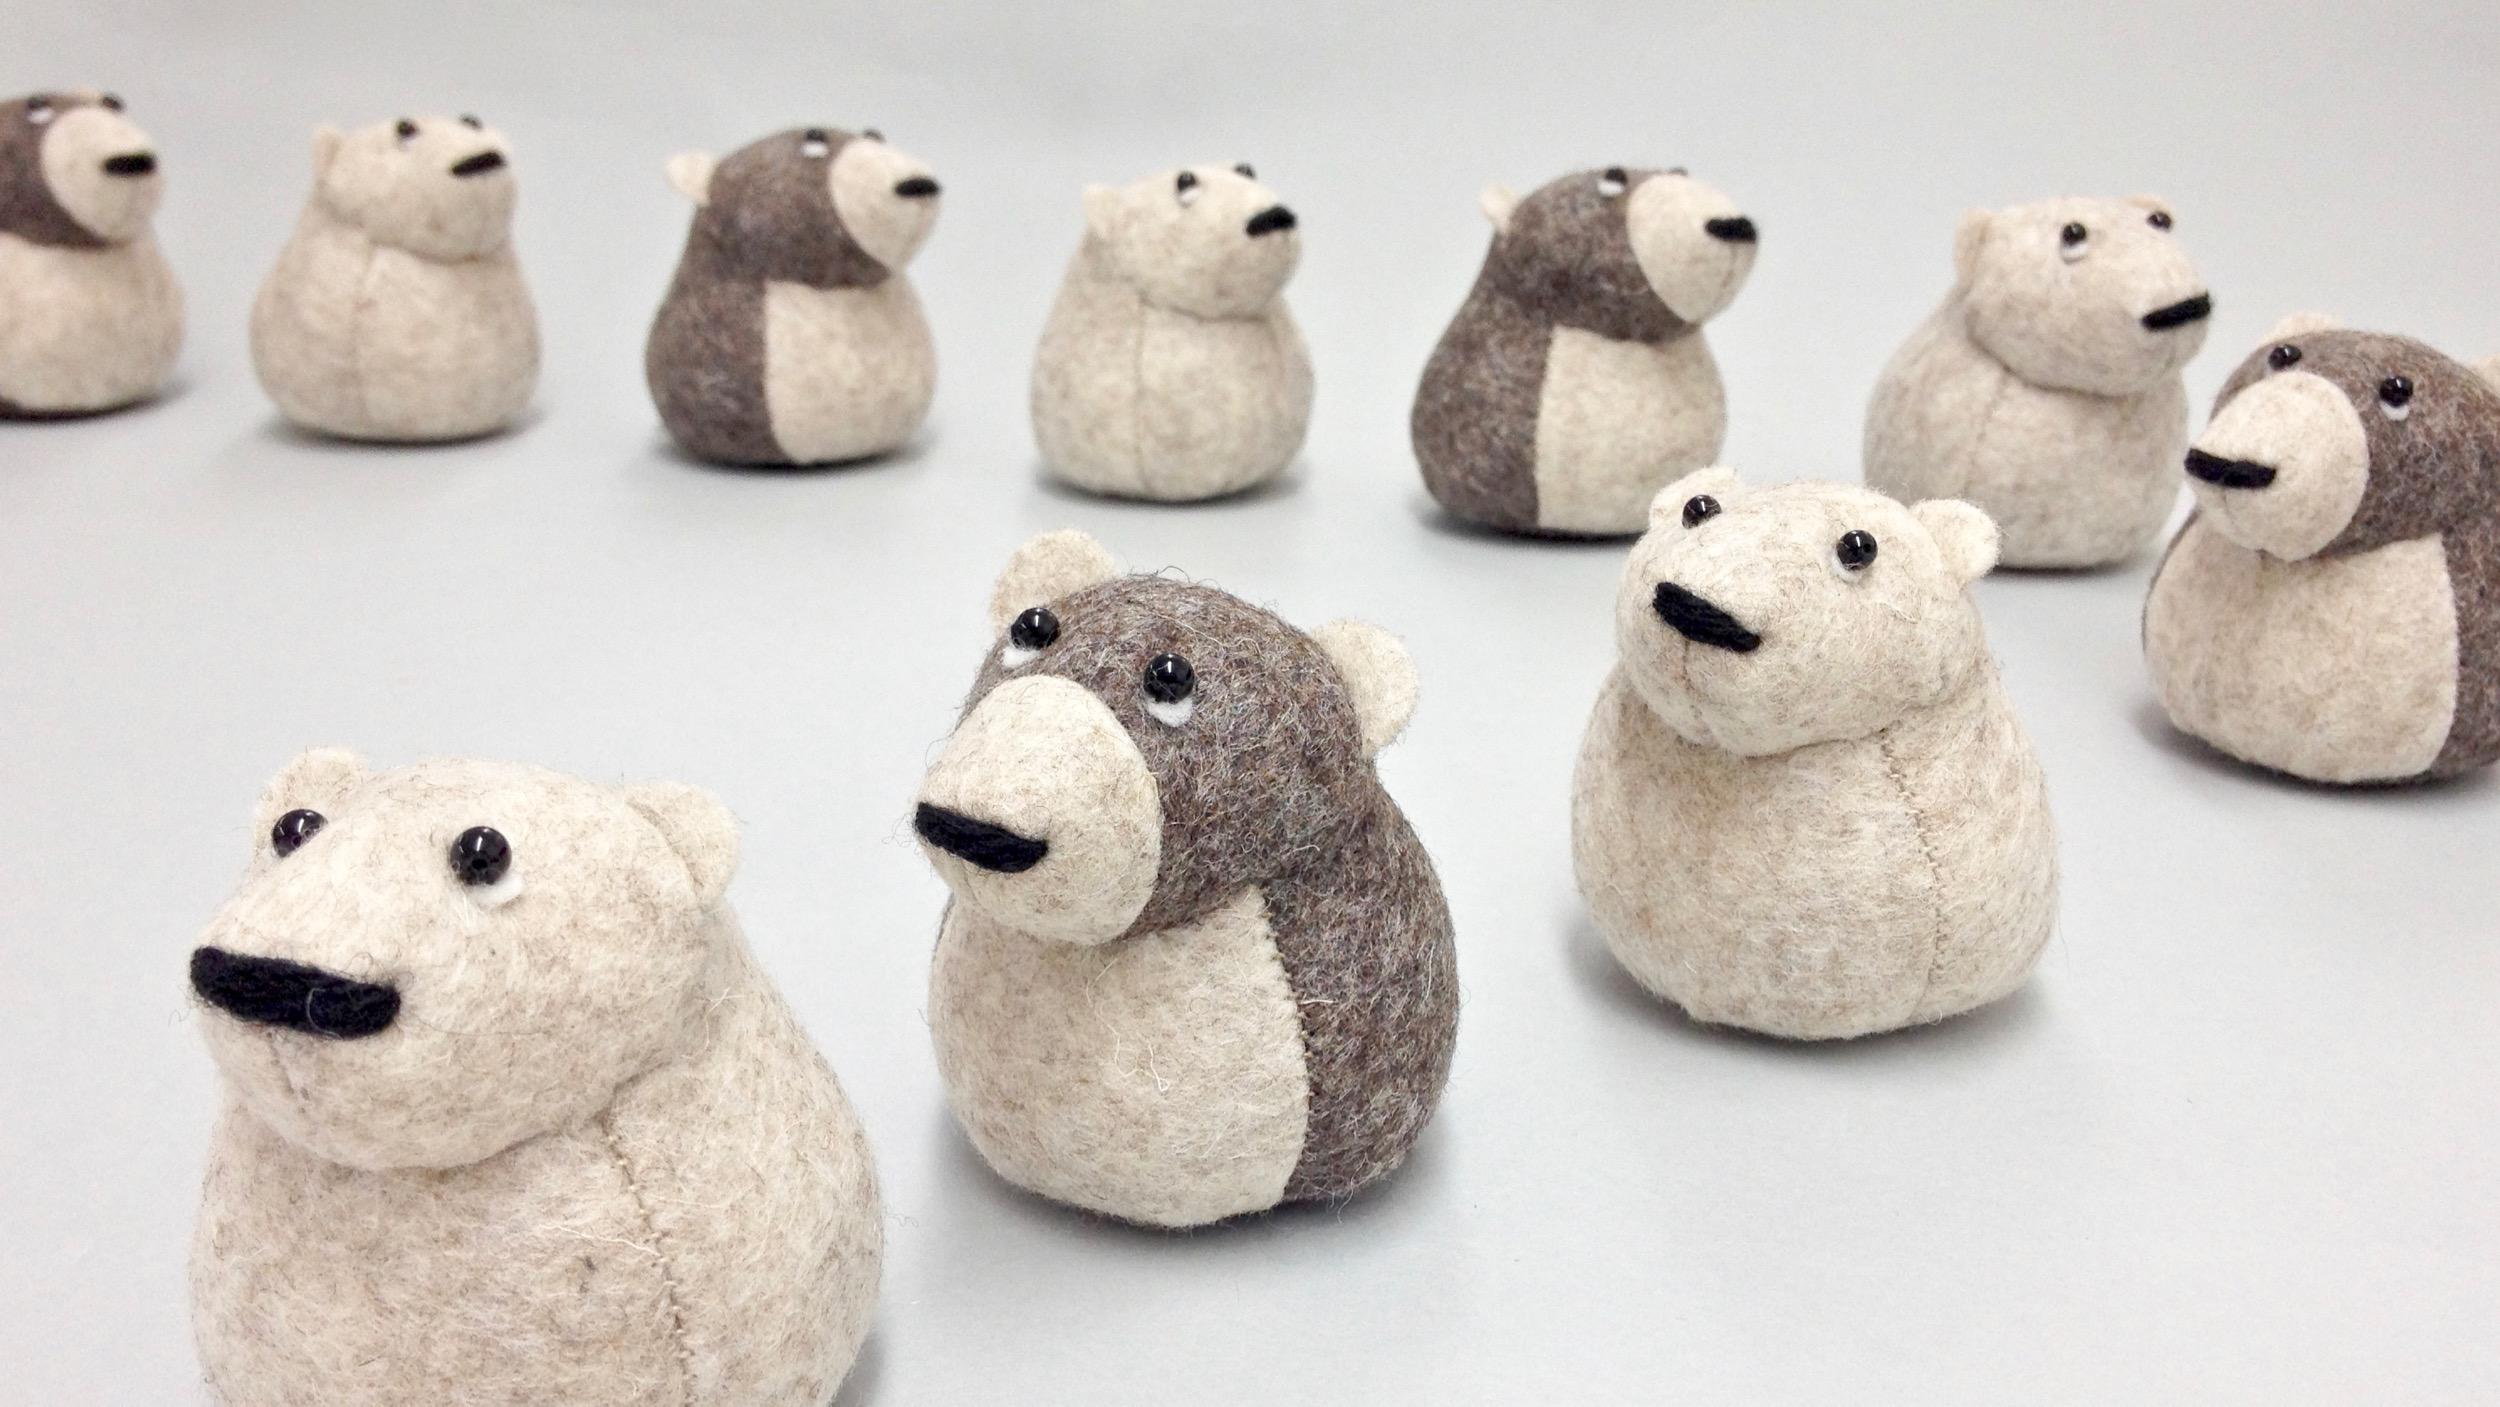 Bilberry Woods story book character wool felt animal figurines by Laura Mirjami | Mirjami Design